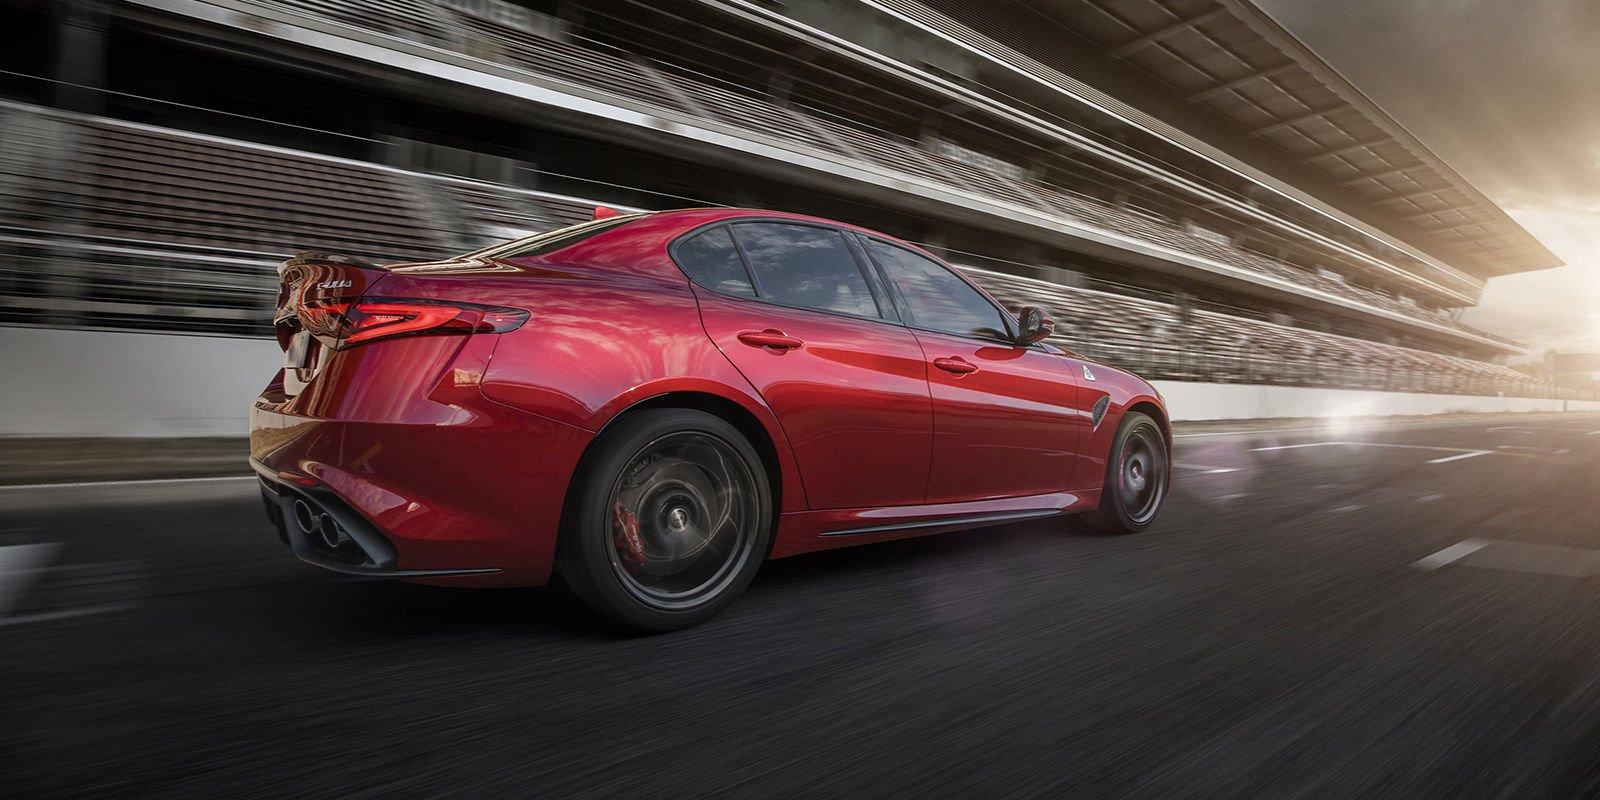 New Alfa Romeo Giulia Quadrifoglio Buy Lease And Finance Offers - Lease alfa romeo